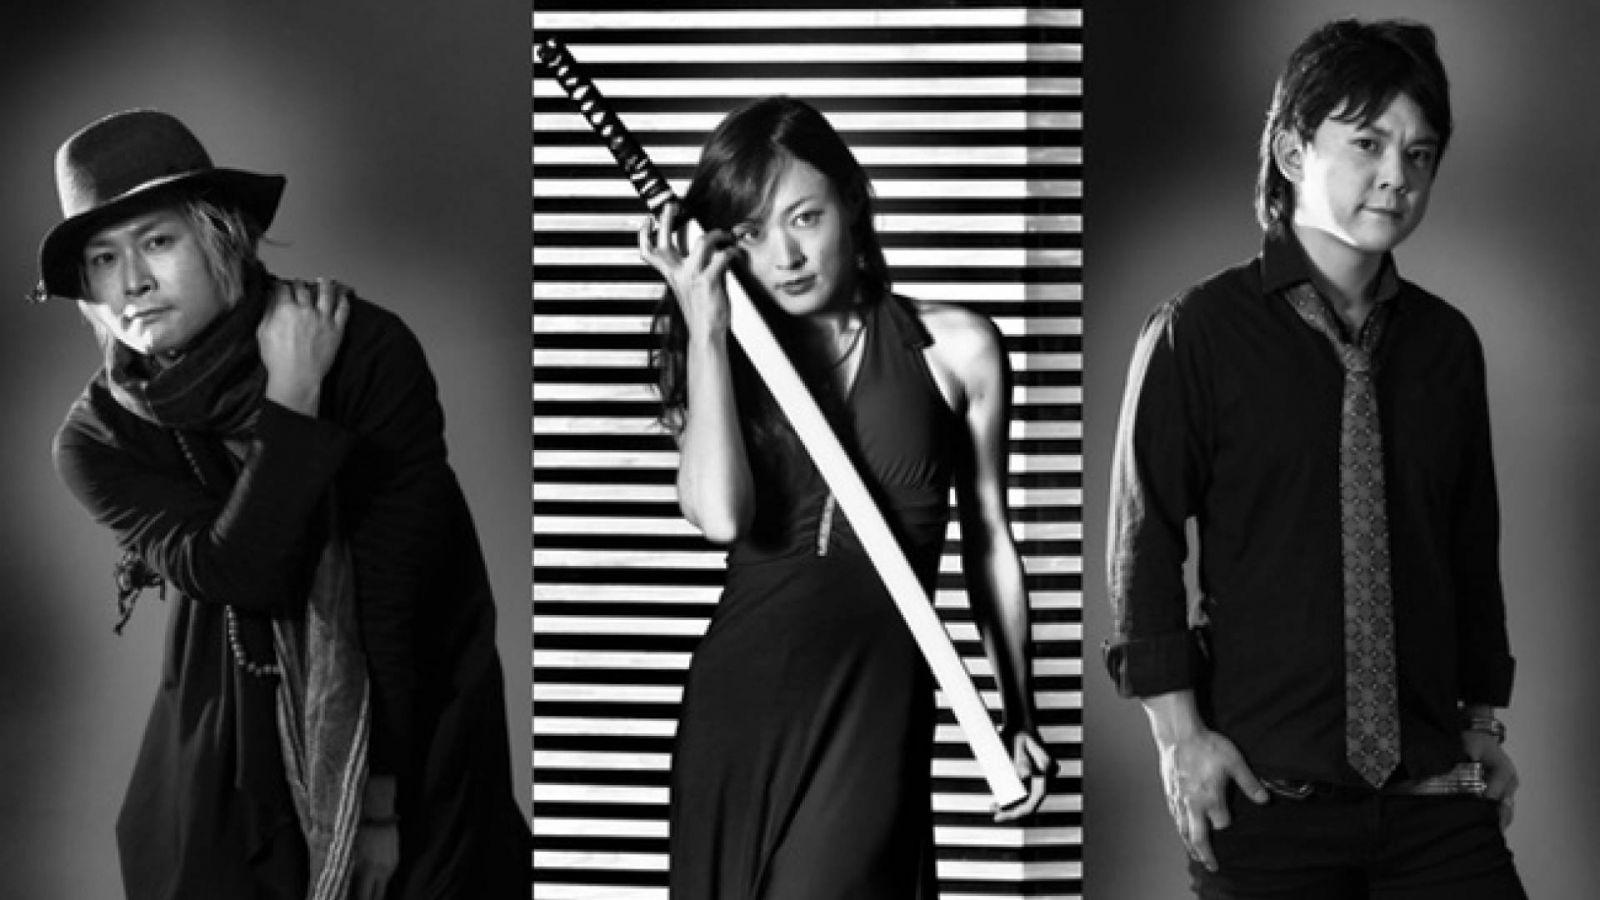 KAO=S järjestää albumiaan varten joukkorahoituskampanjan © Mikio Ariga